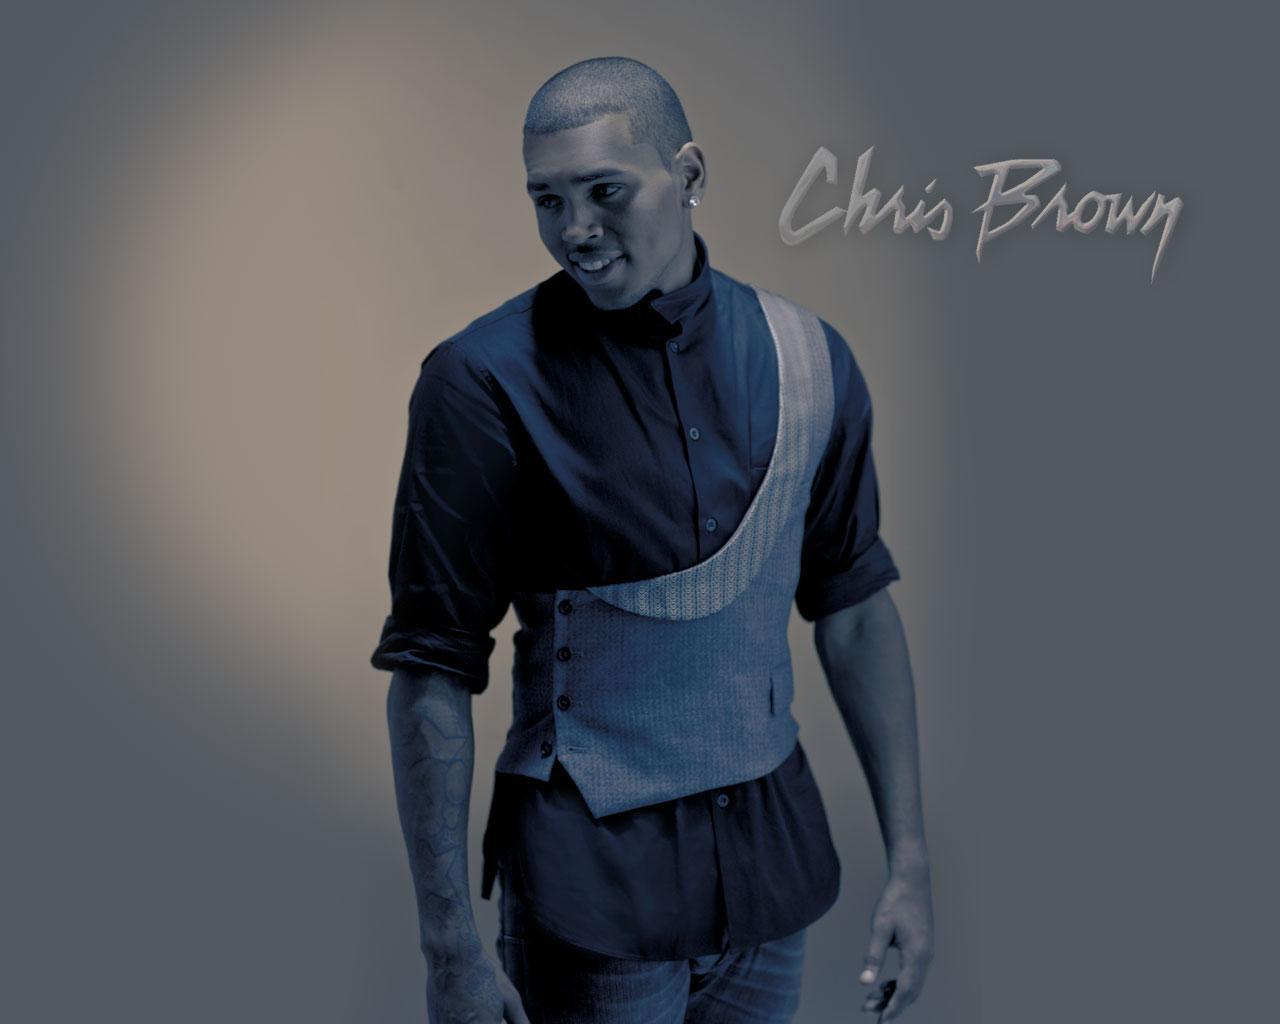 http://1.bp.blogspot.com/_H0uIwgk-kRY/TPG08s5AJGI/AAAAAAAAA3A/48MPkS2O7cU/s1600/Chris+Brown+%25234+-+1280x1024.jpg